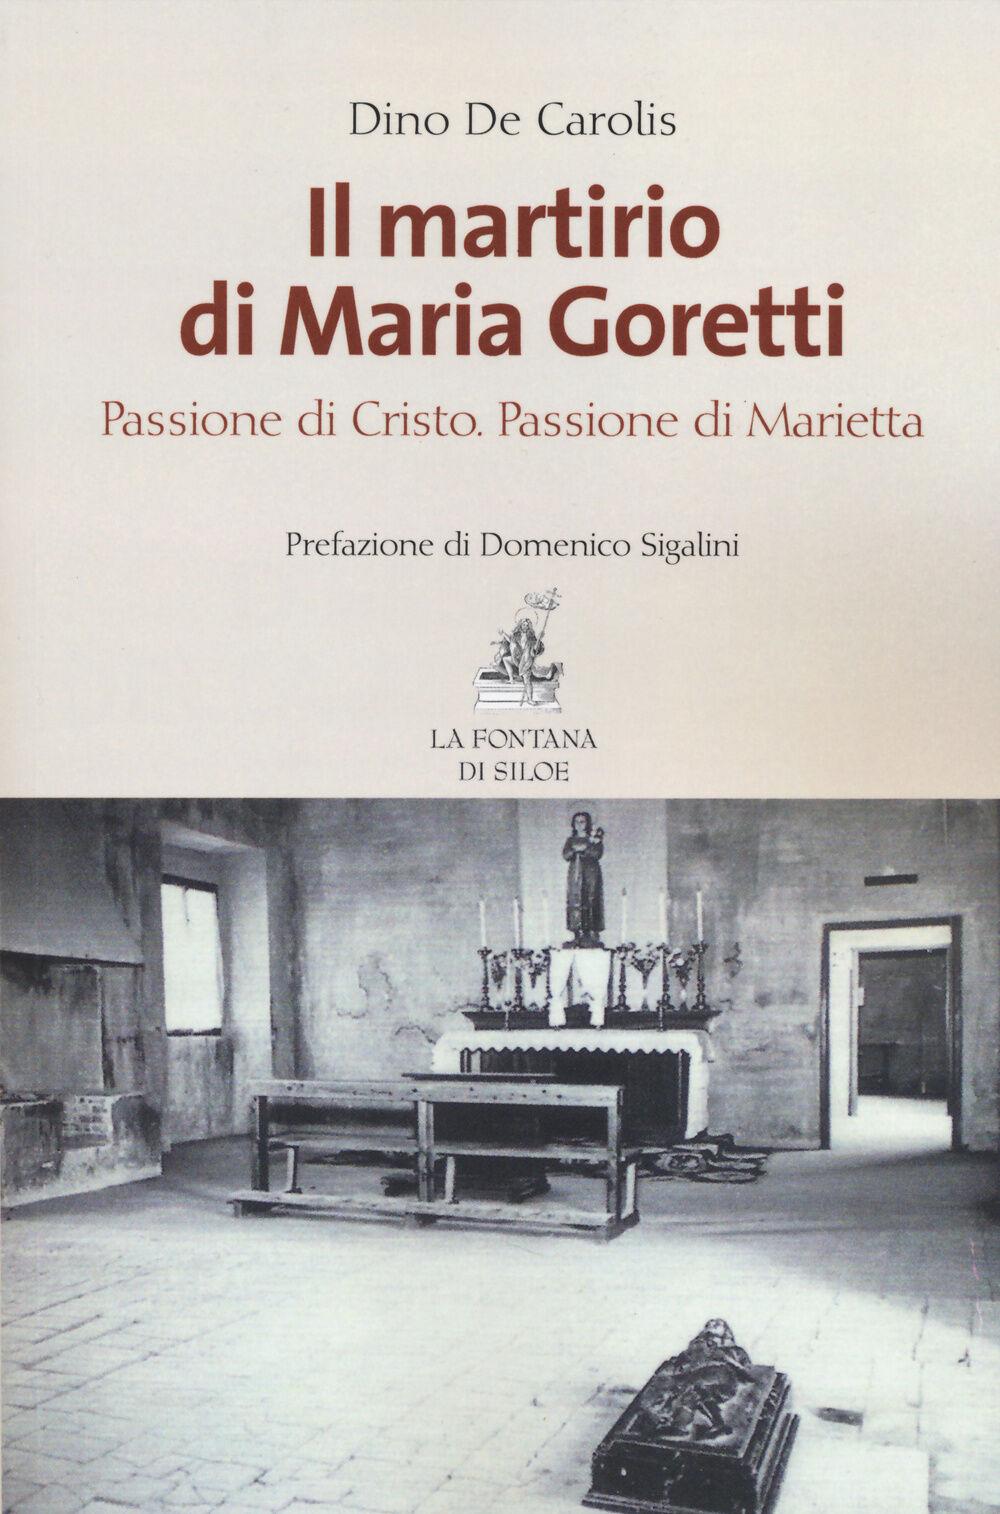 Il martirio di Maria Goretti. Passione di Cristo. Passione di Marietta